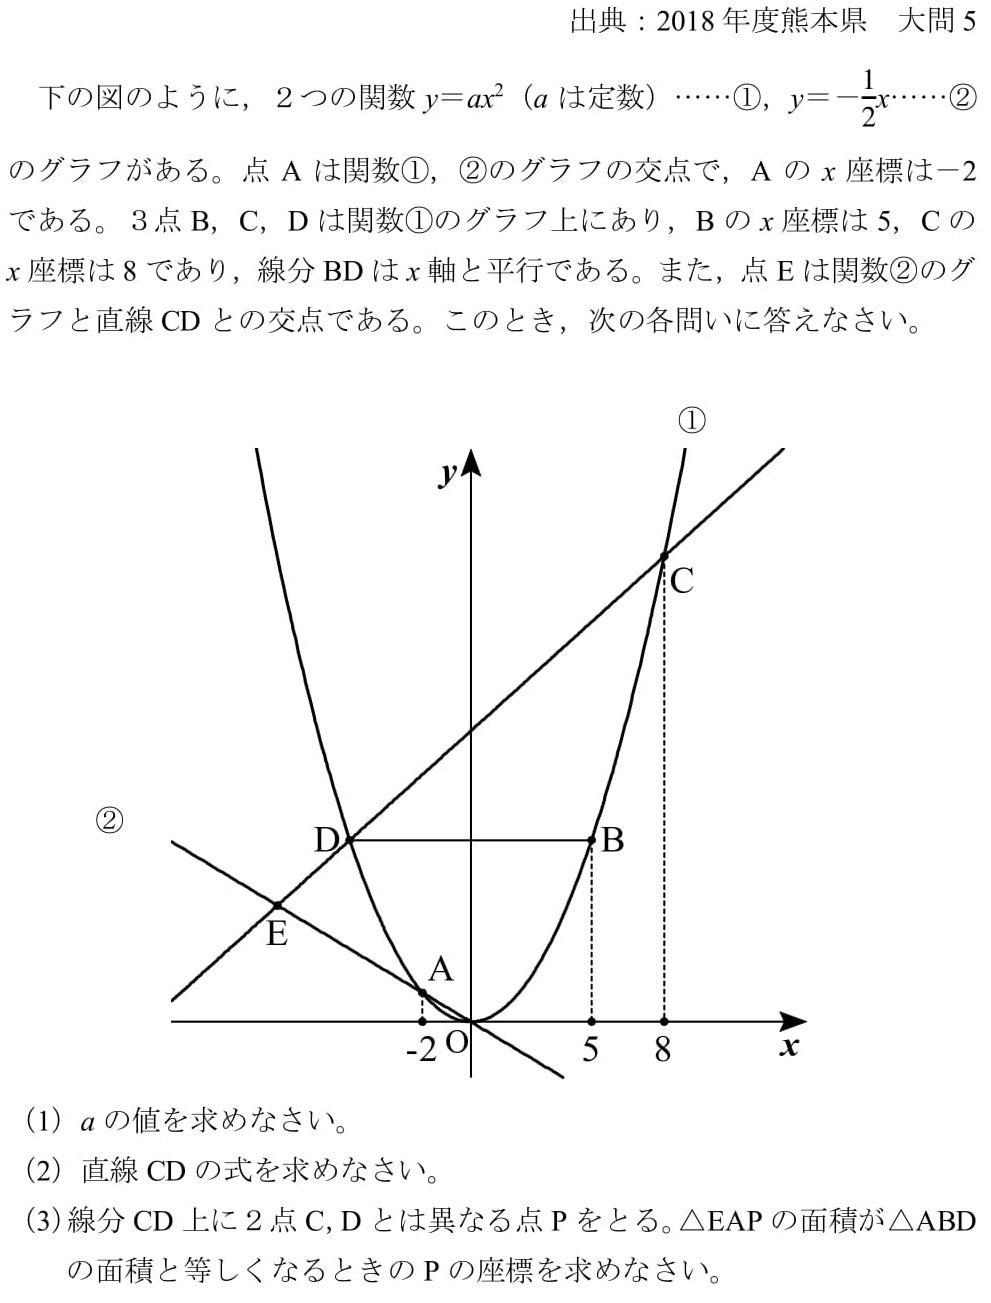 2018 熊本県 高校入試 大問5 関数